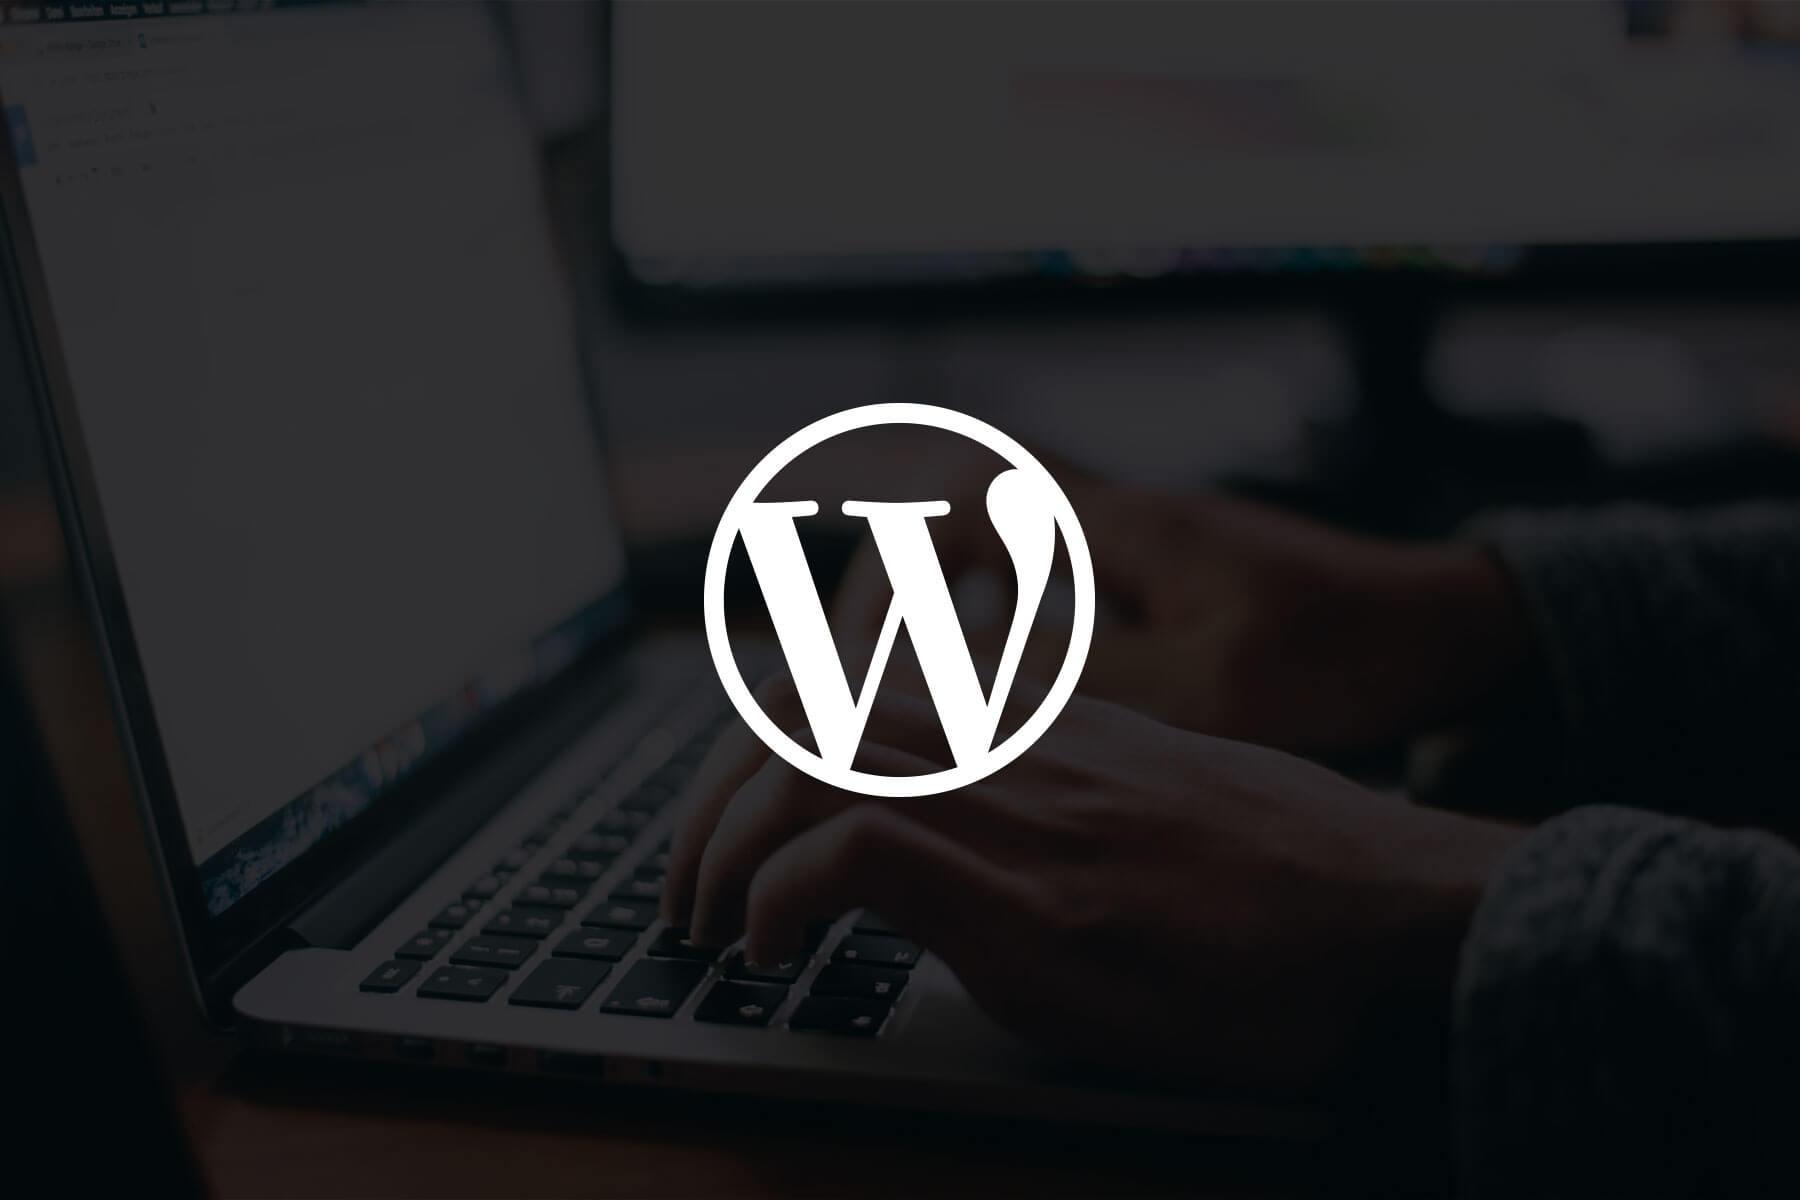 Automatisches Herunterskalieren von Bildern bei WordPress deaktivieren